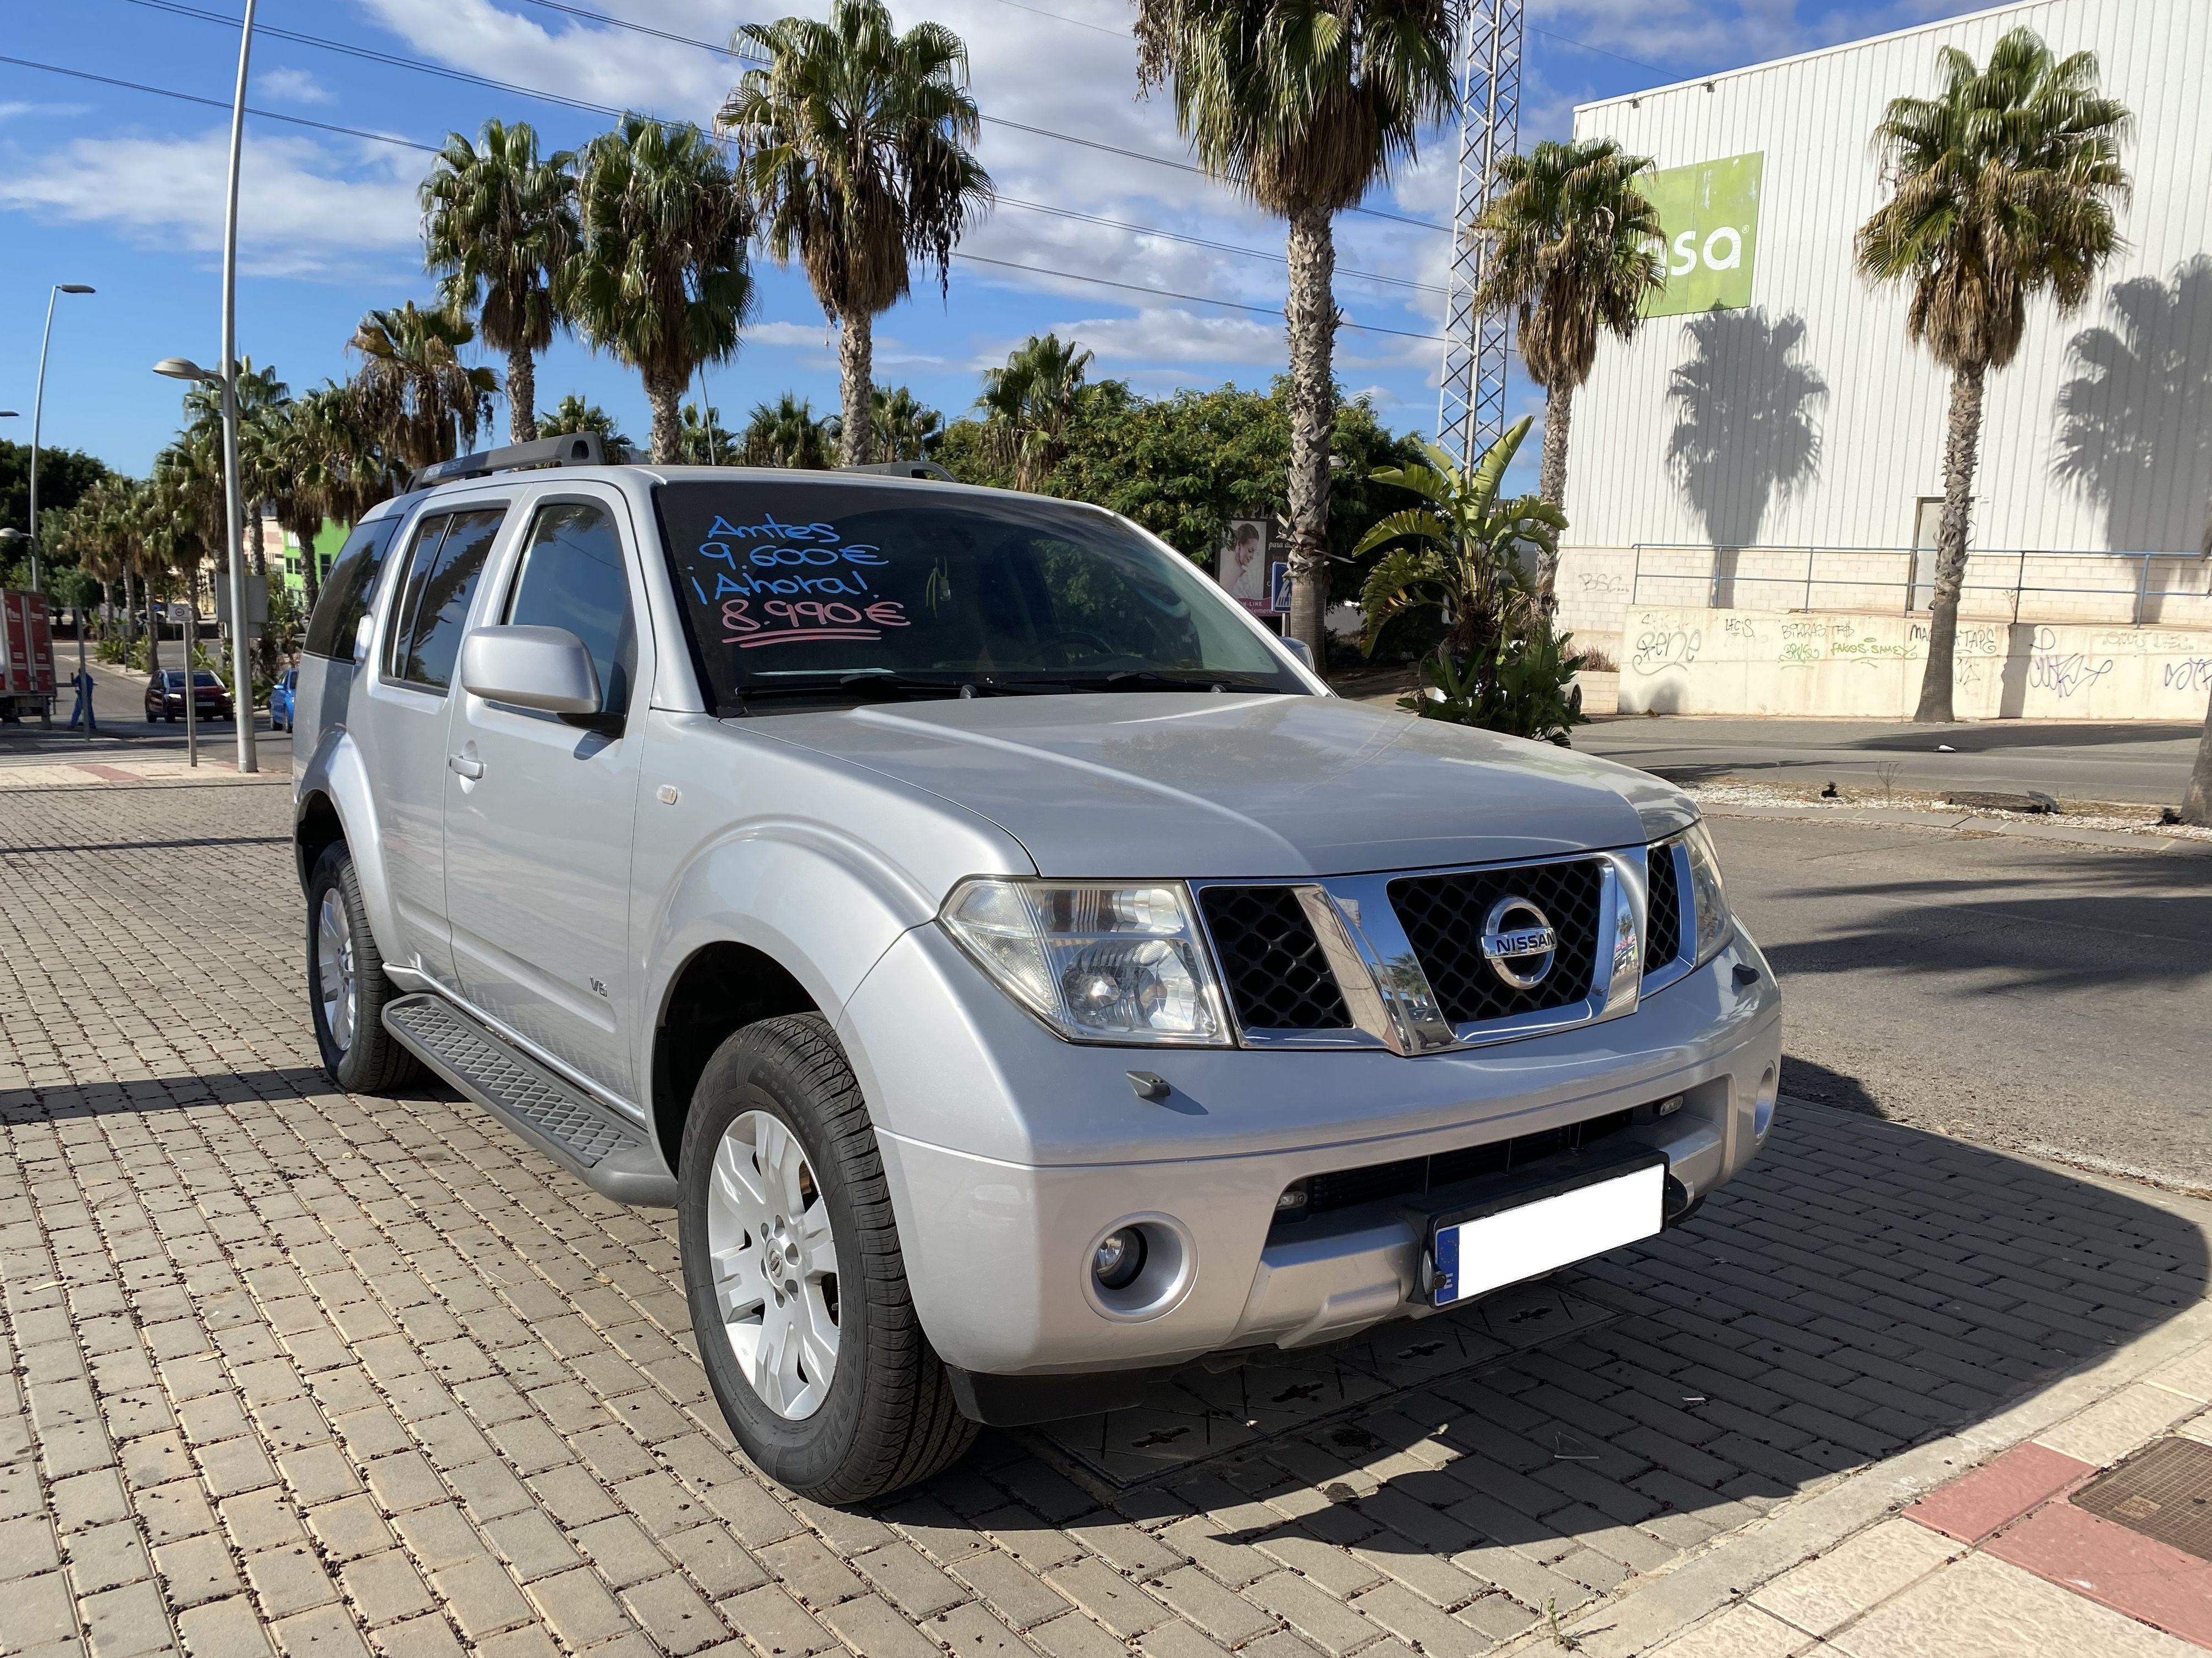 NISSAN PATHFINDER: COCHES DE OCASION de Automóviles Parque Mediterráneo